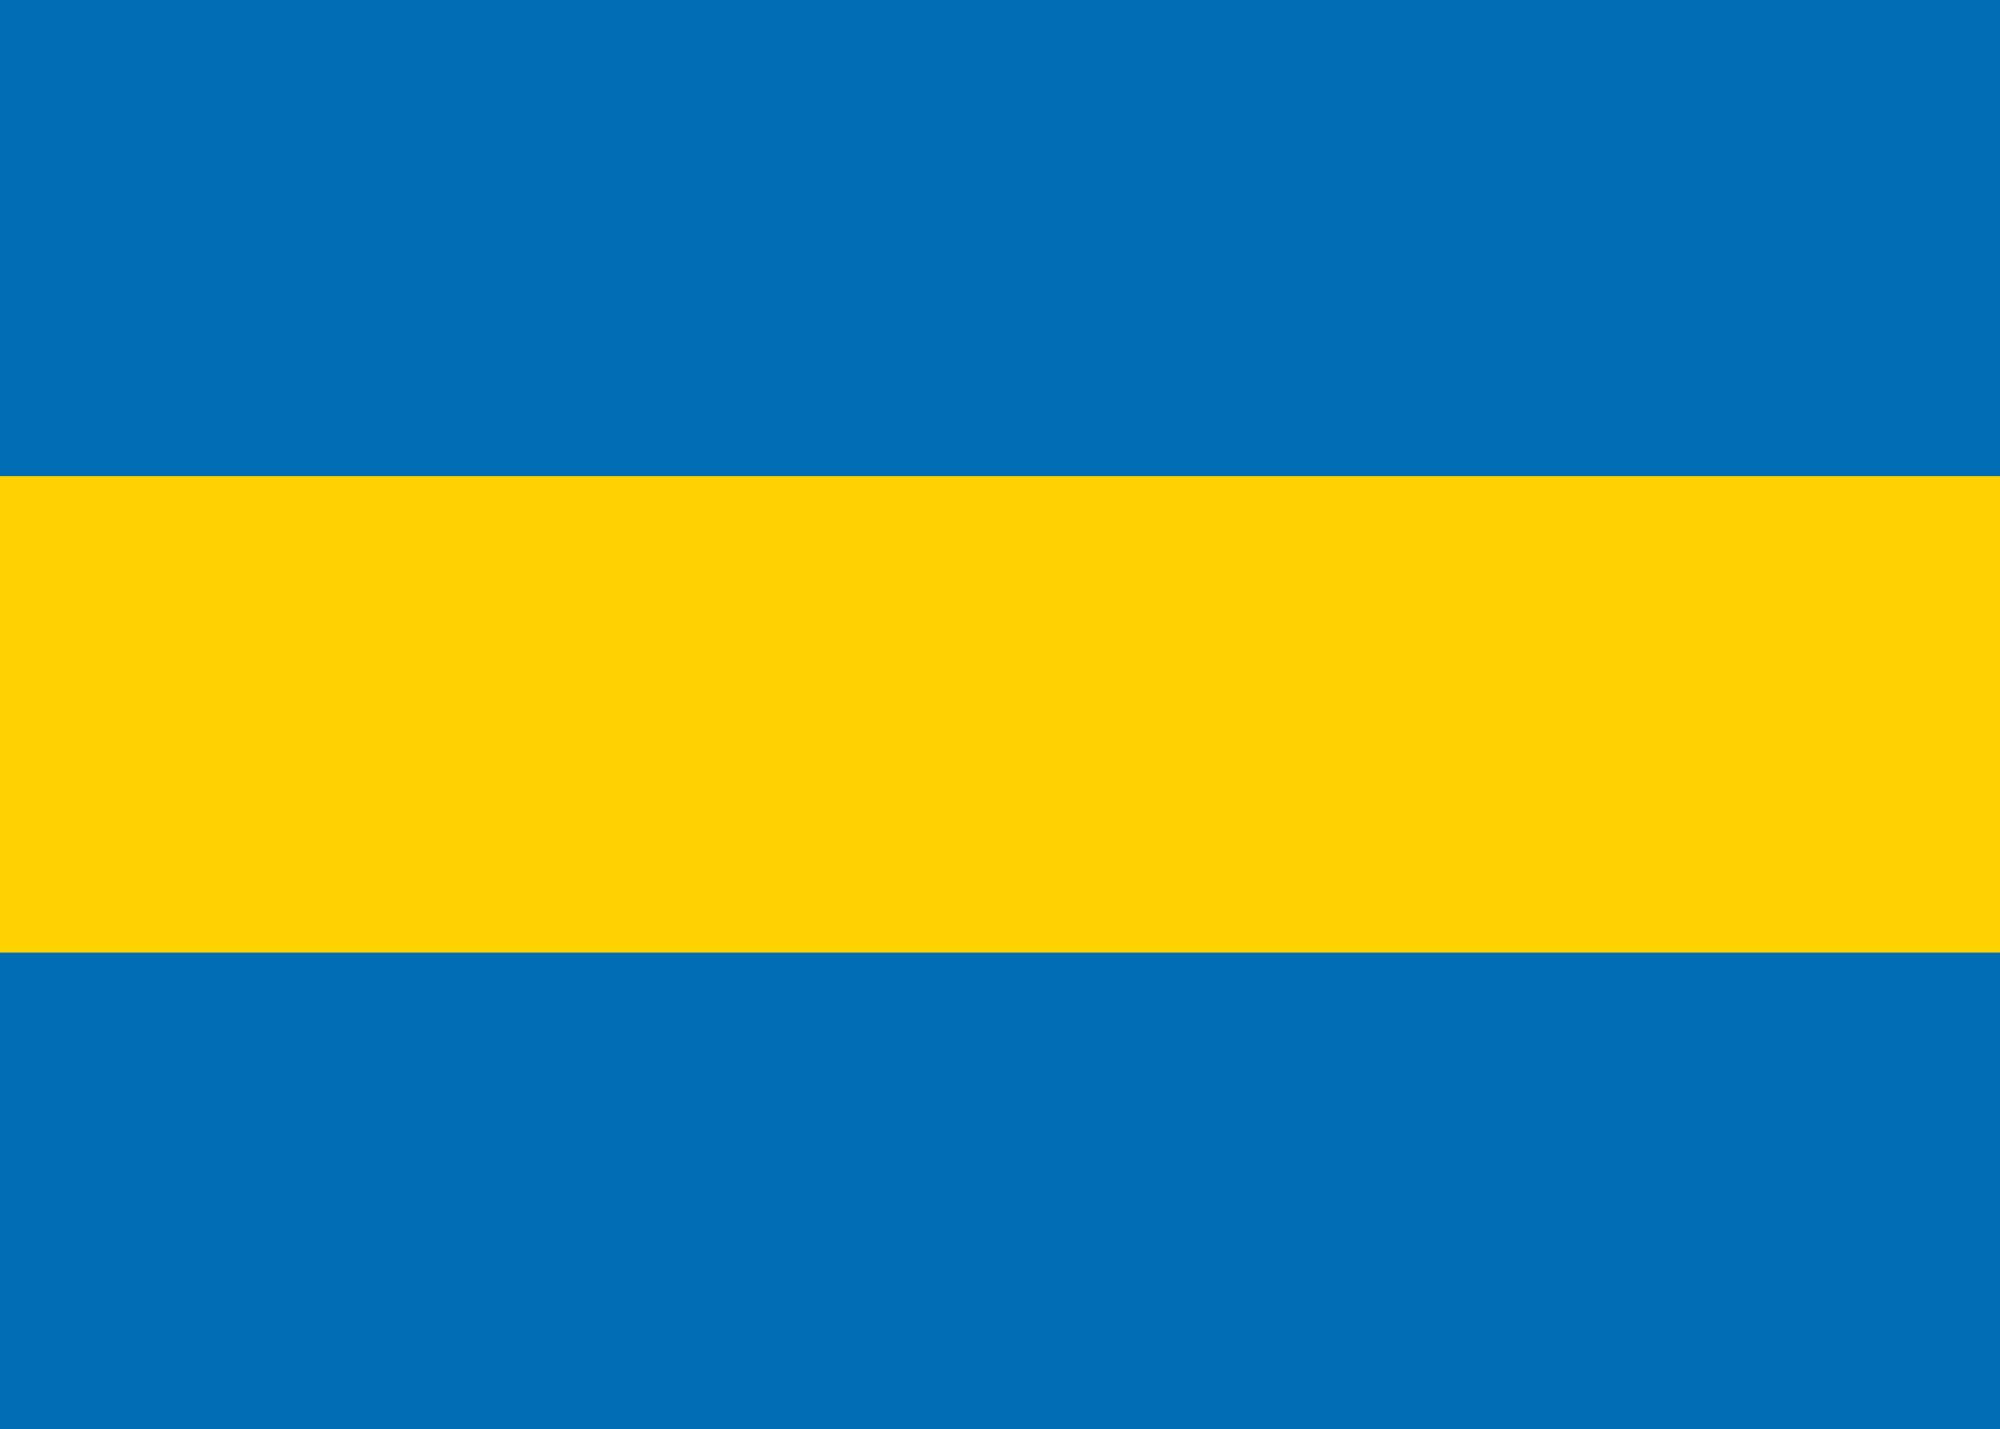 Анкета для оформления визы в Швецию